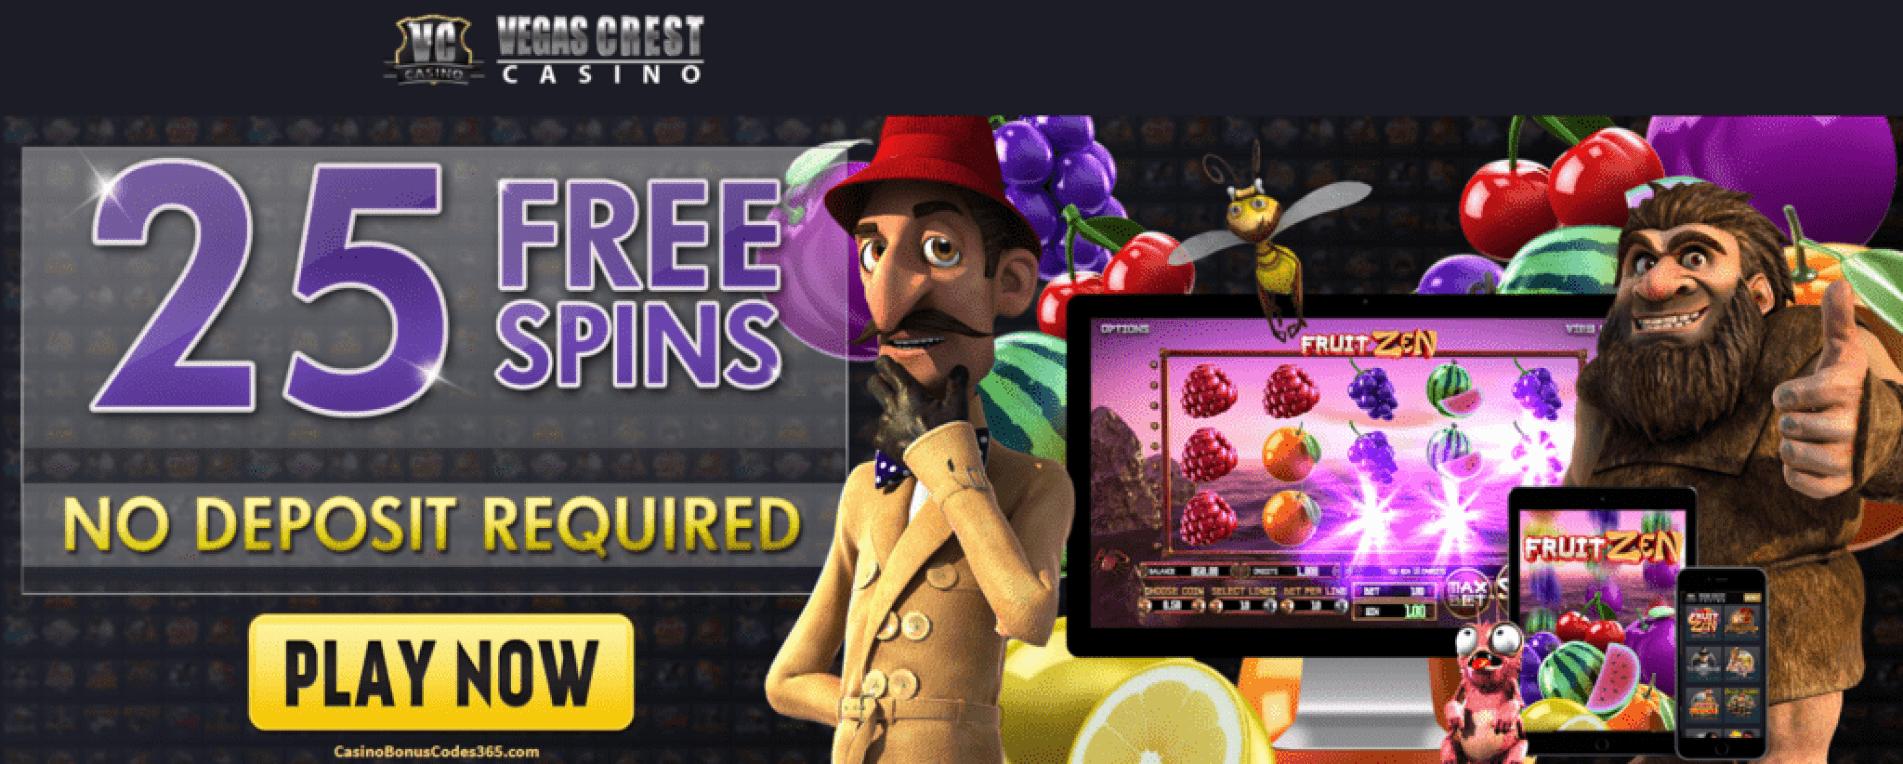 Vegast Crest Casino Betsoft 25 FREE Spins Fruit Zen